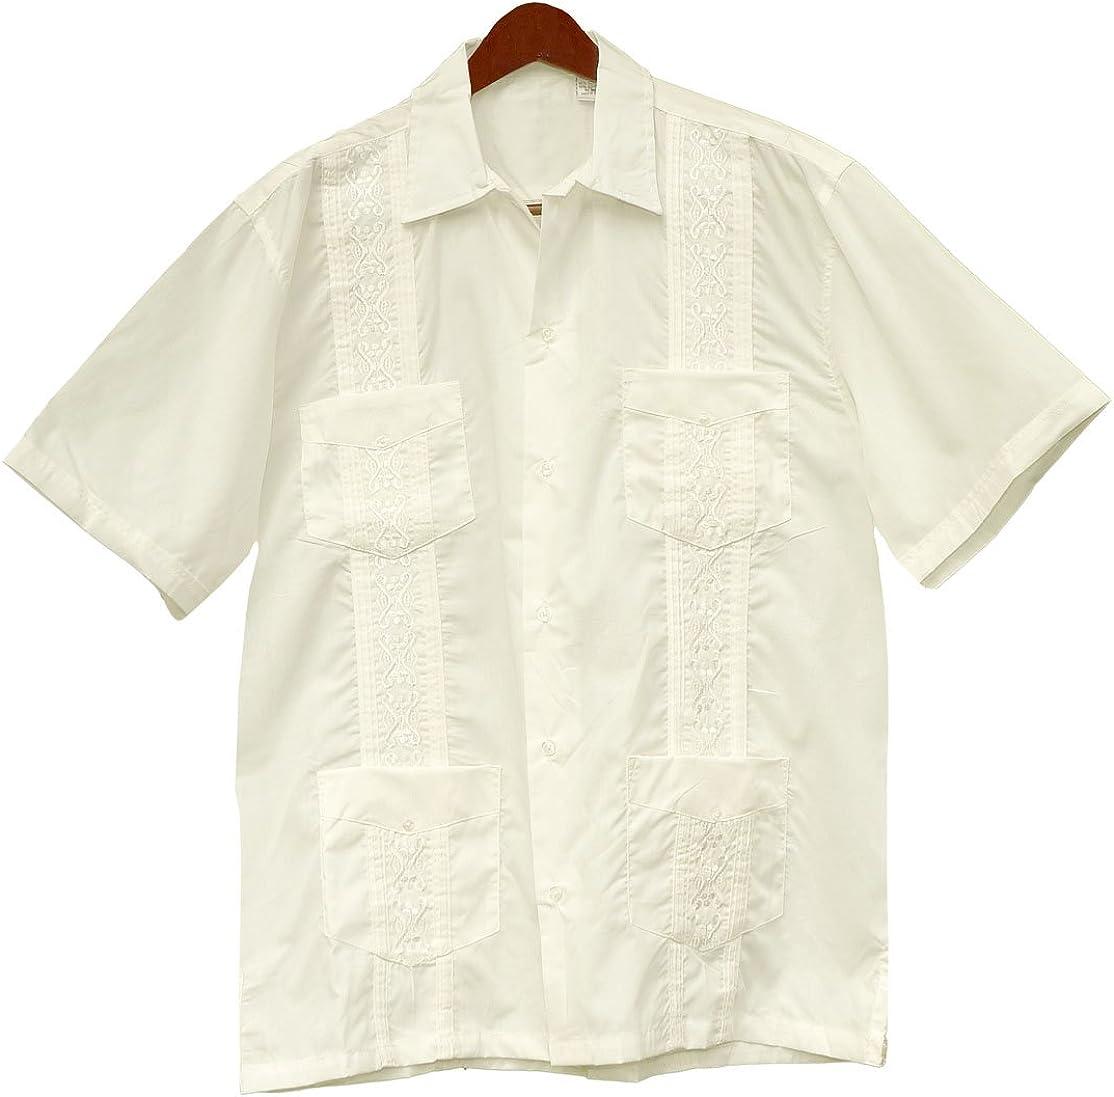 Squish - Camisa de estilo cubano Guayabera, color crema - Marfíl - Large: Amazon.es: Ropa y accesorios